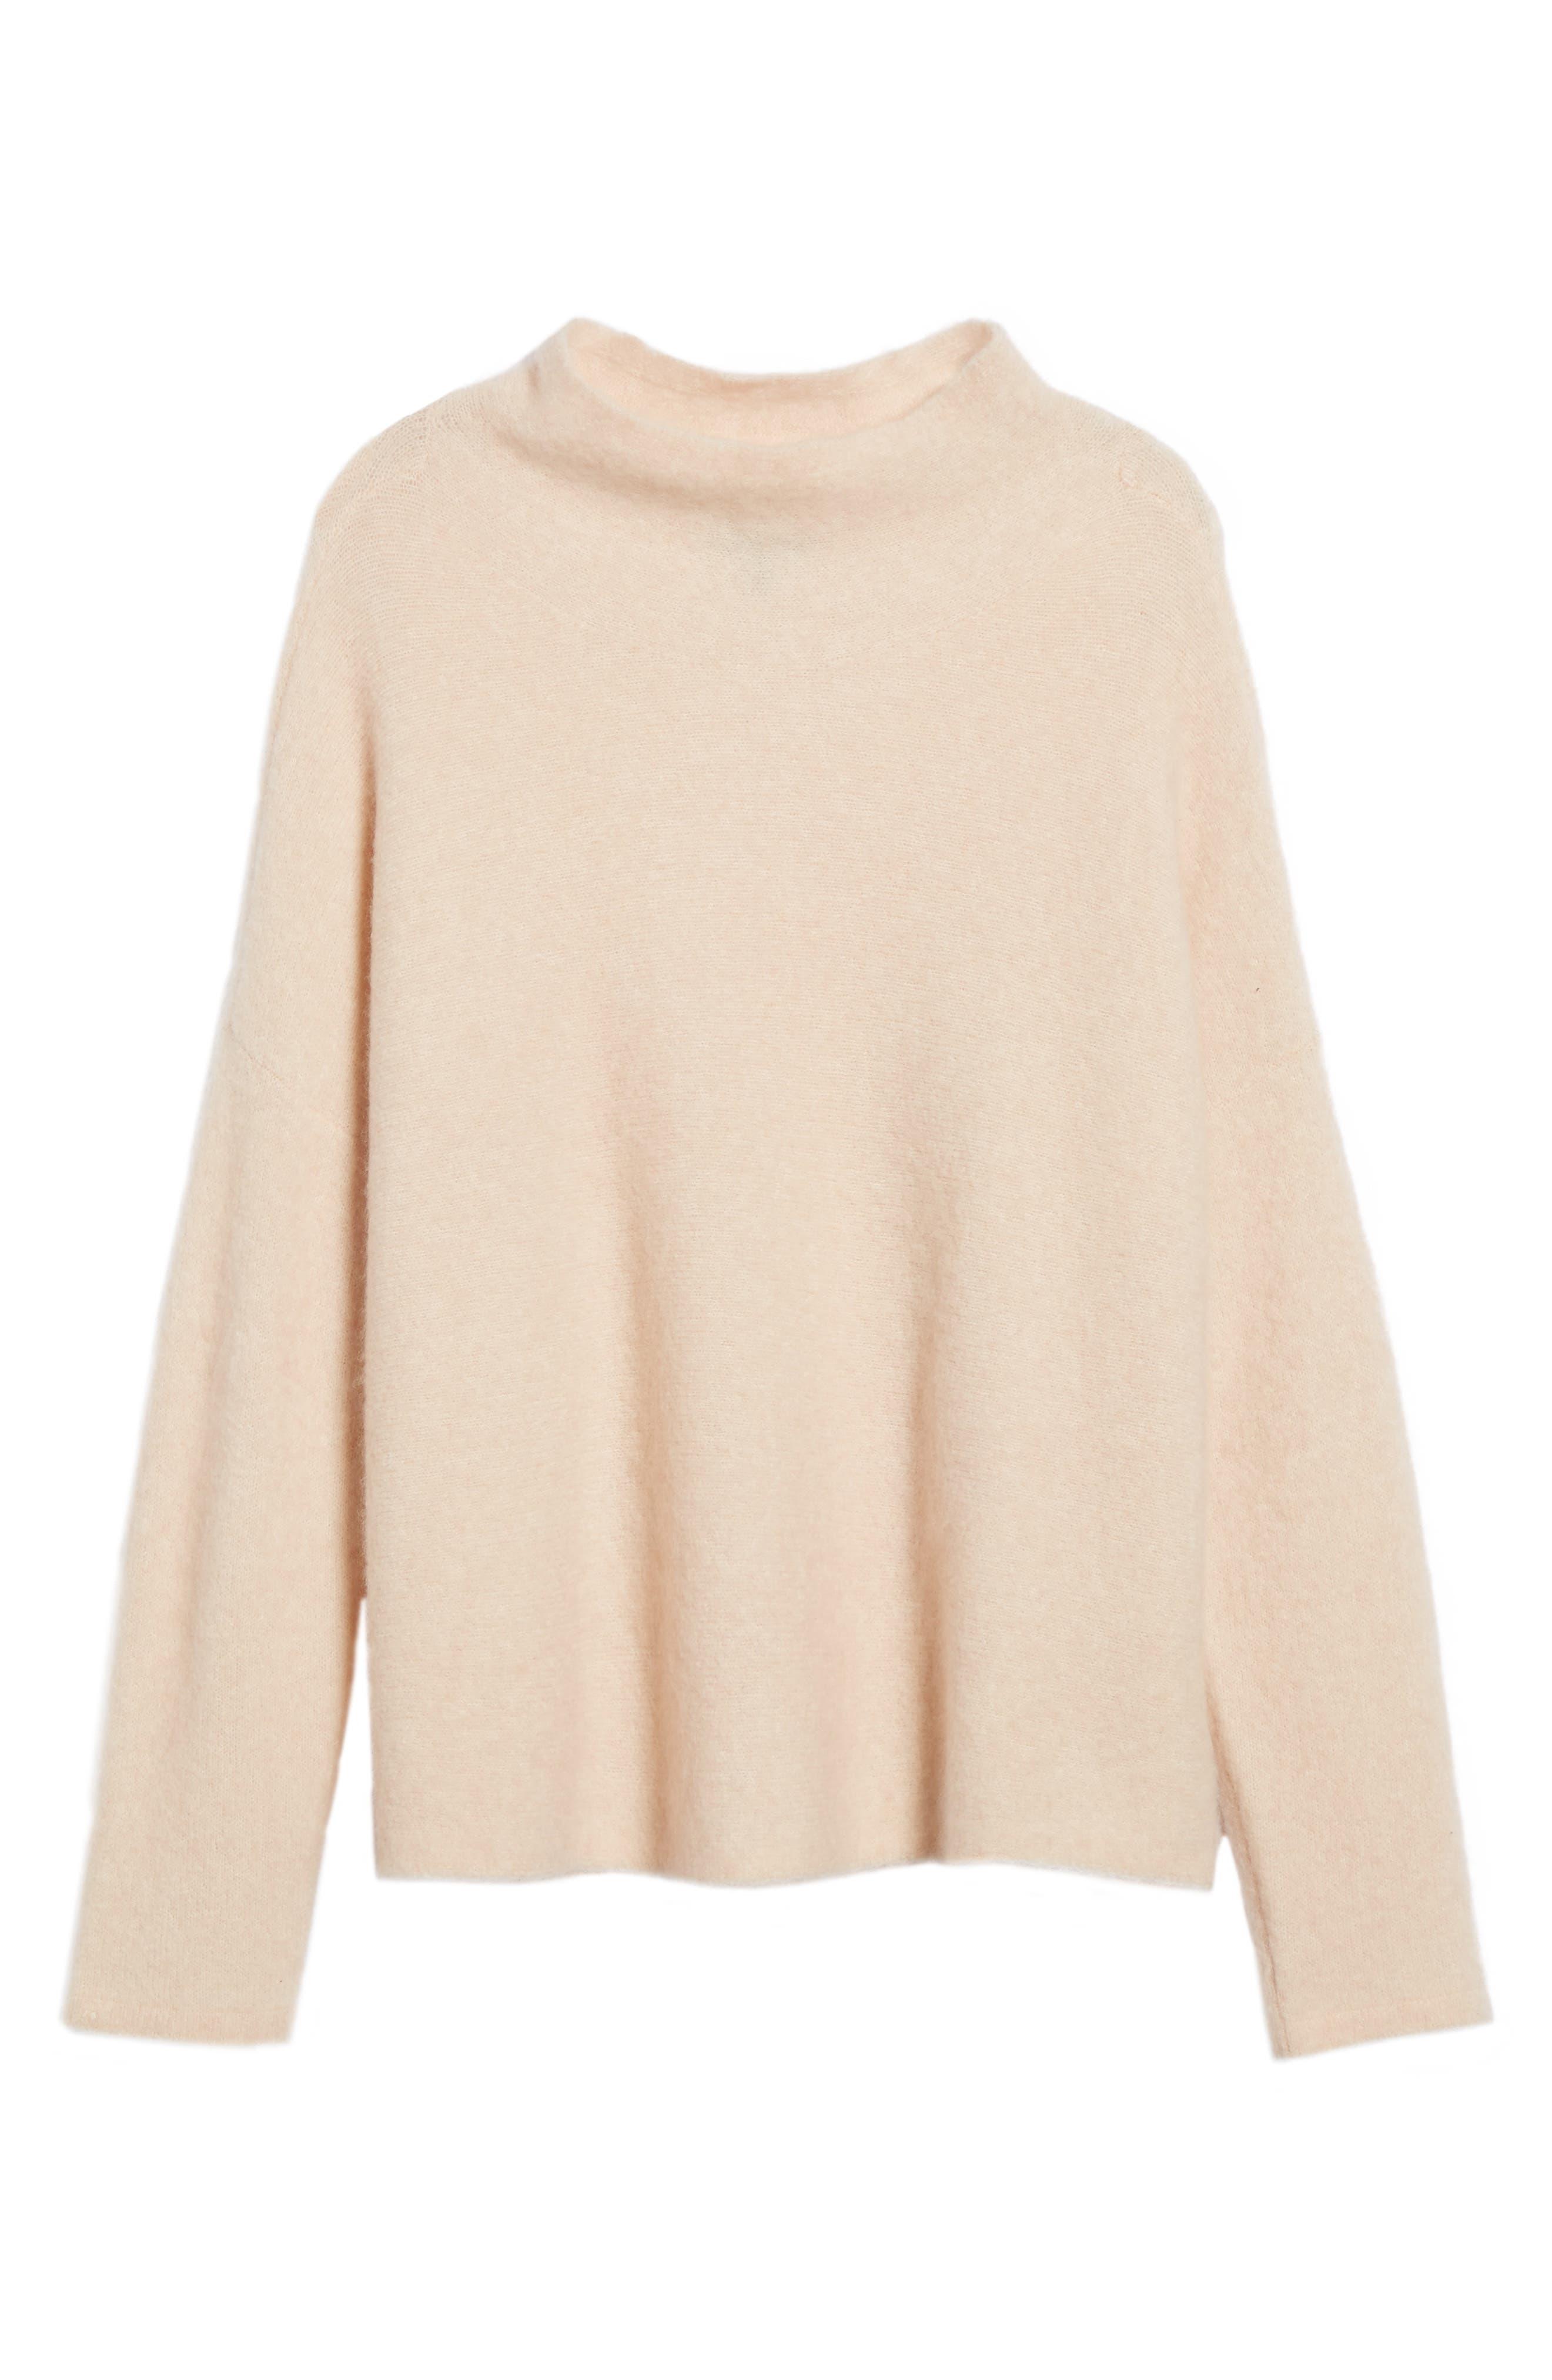 'Bouclé Bliss' Cashmere & Silk Blend Funnel Neck Sweater,                             Alternate thumbnail 6, color,                             255